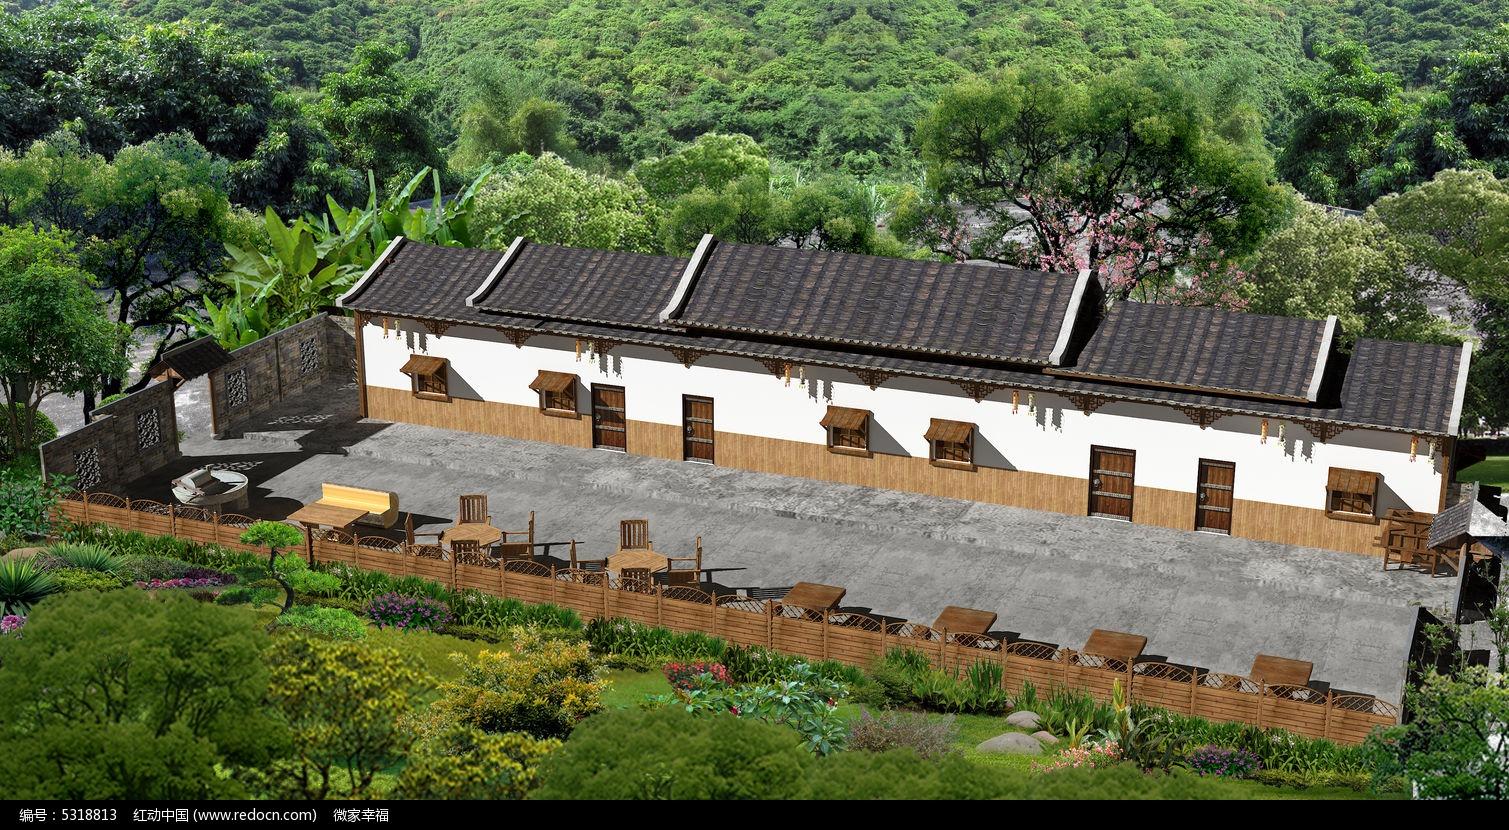 民居休闲小院图片